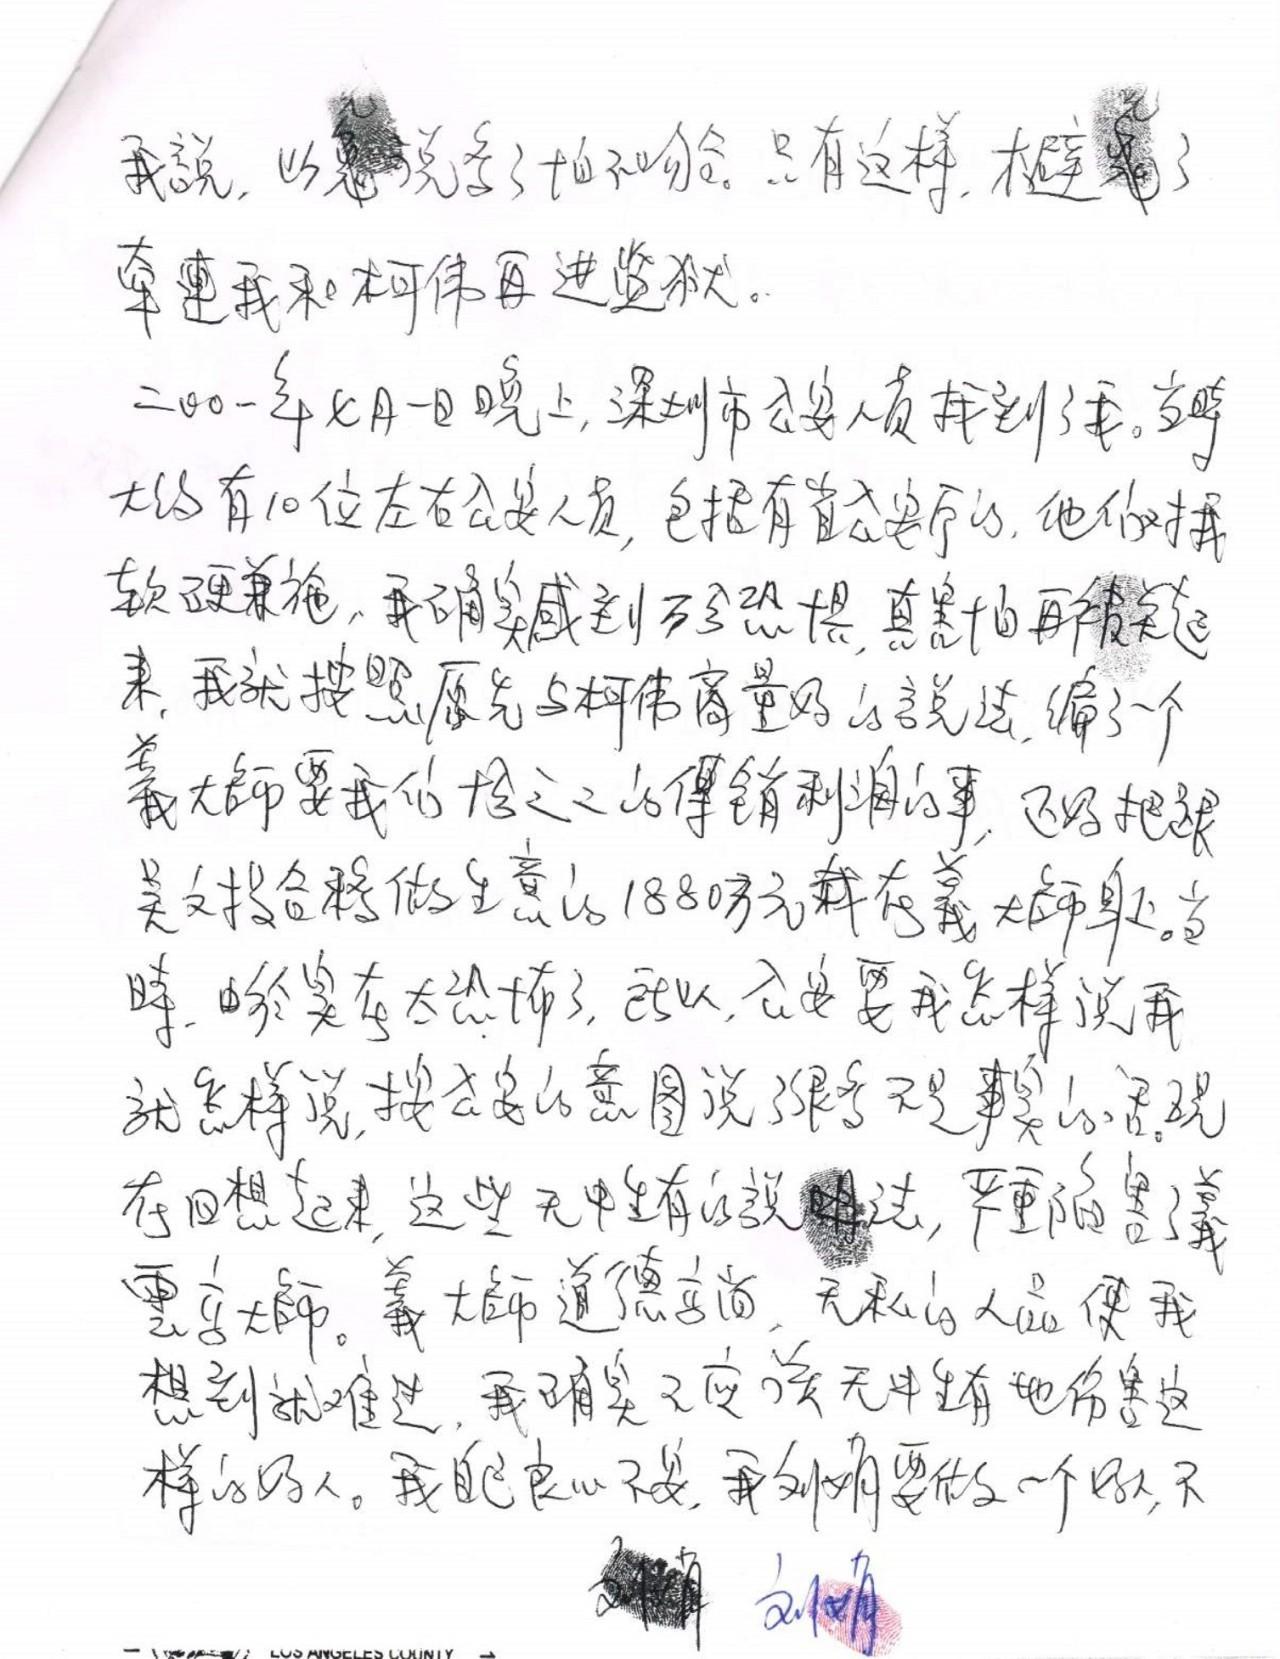 周永康陈绍基陷害第三世多杰羌佛真相曝光 第16张